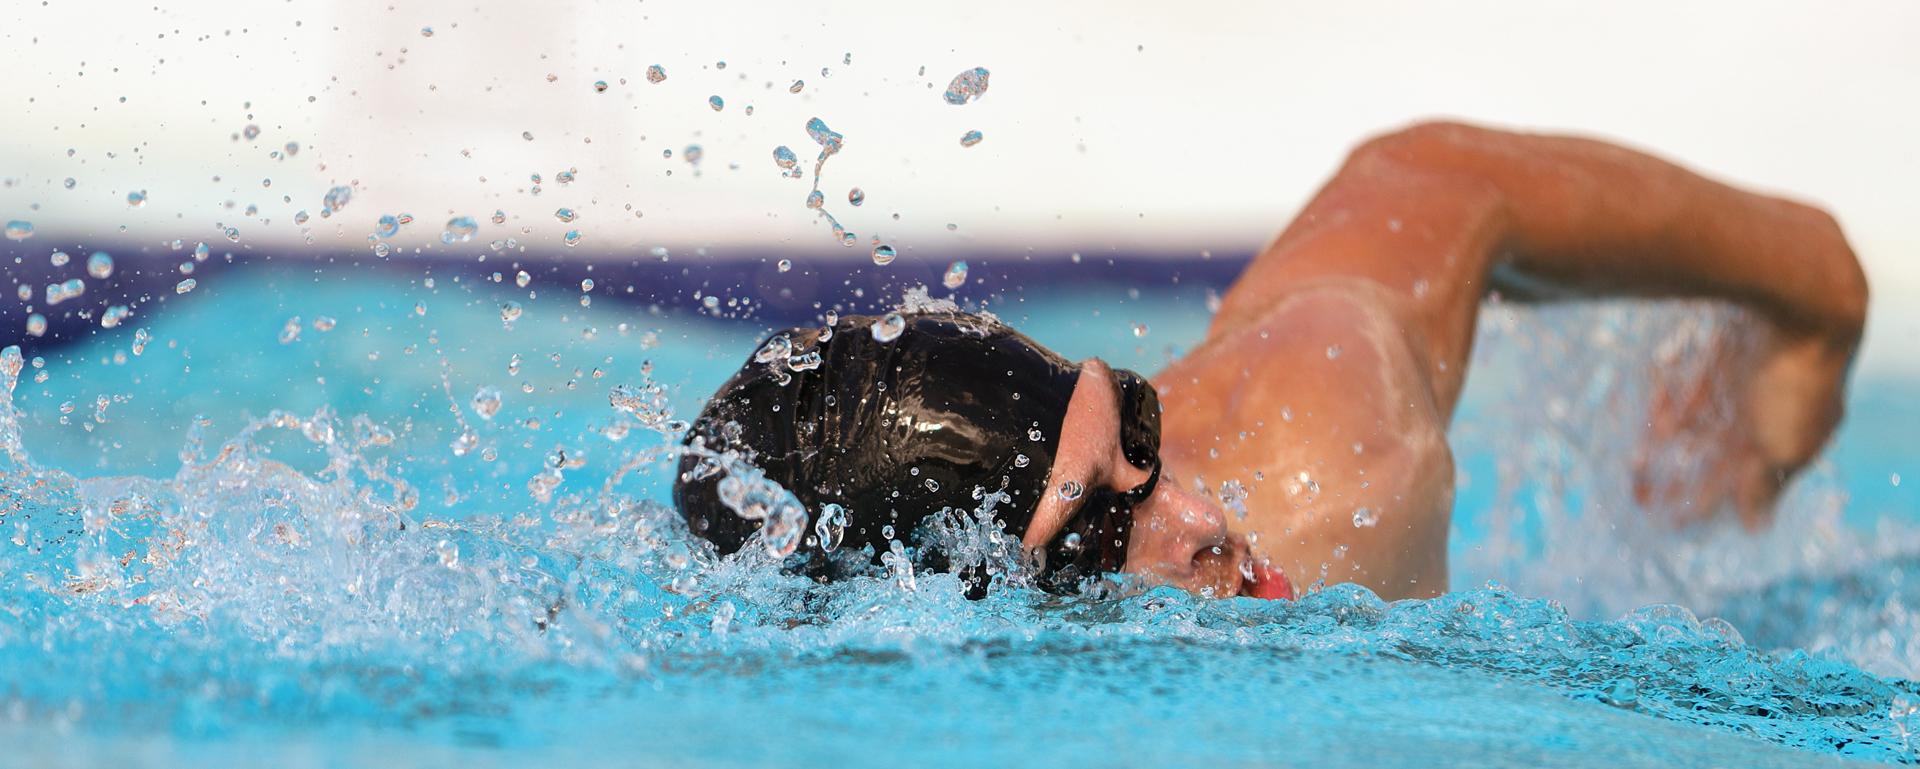 Pływanie na Letnich Igrzyskach Olimpijskich 2020